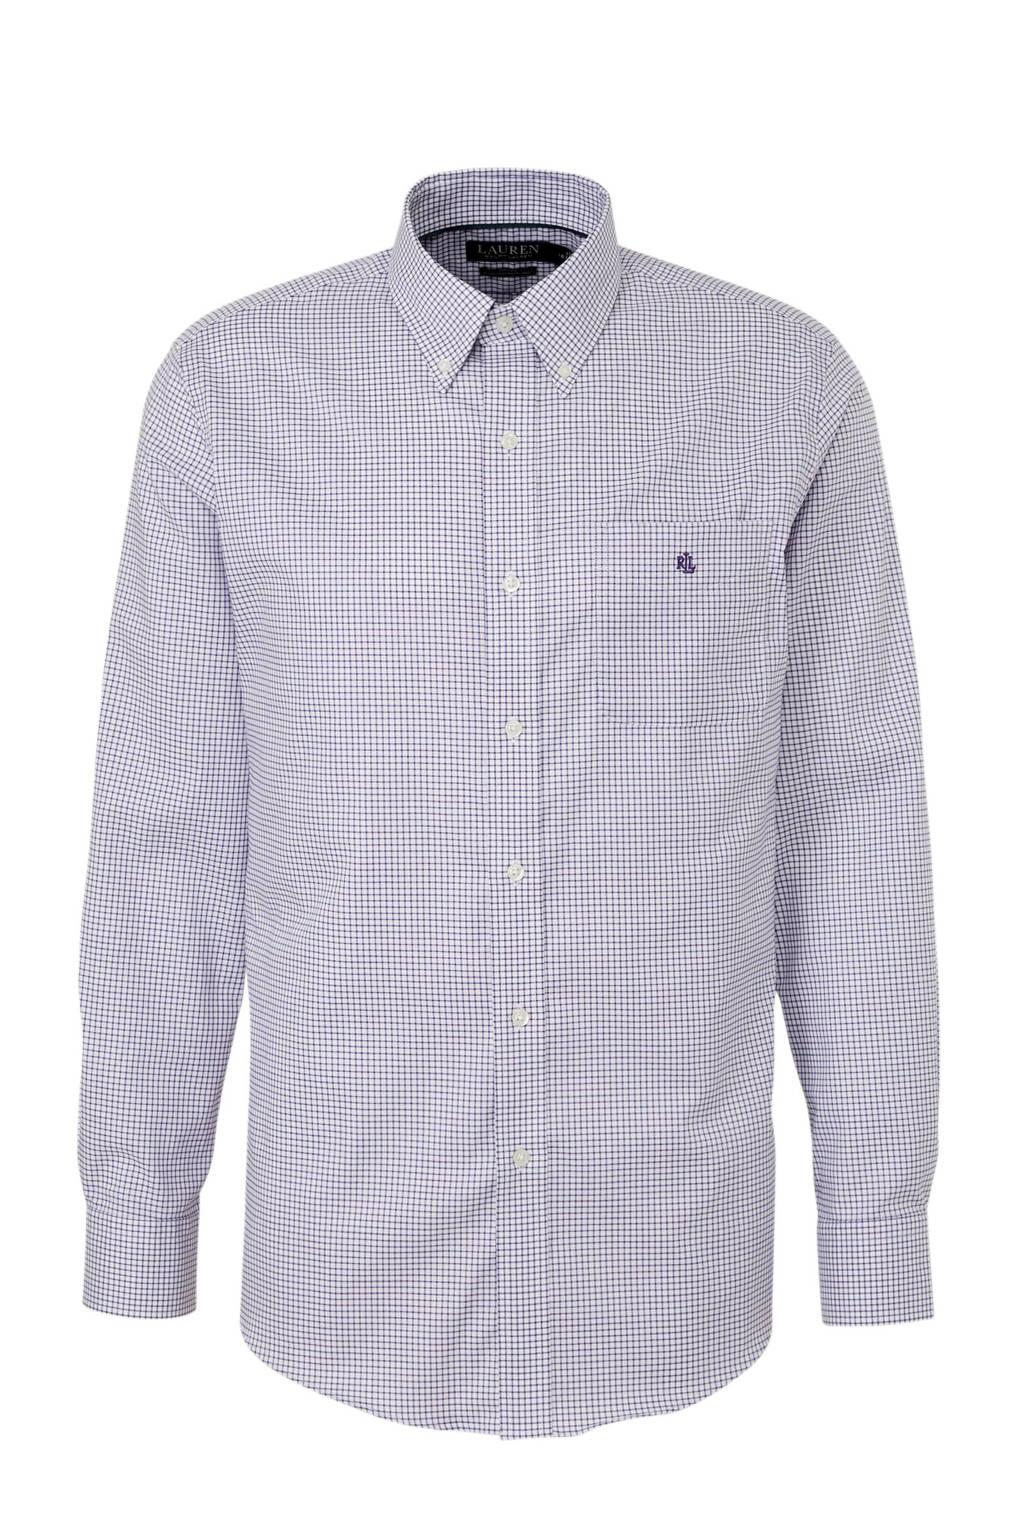 POLO Ralph Lauren geruit regular fit overhemd paars/wit, Paars/wit